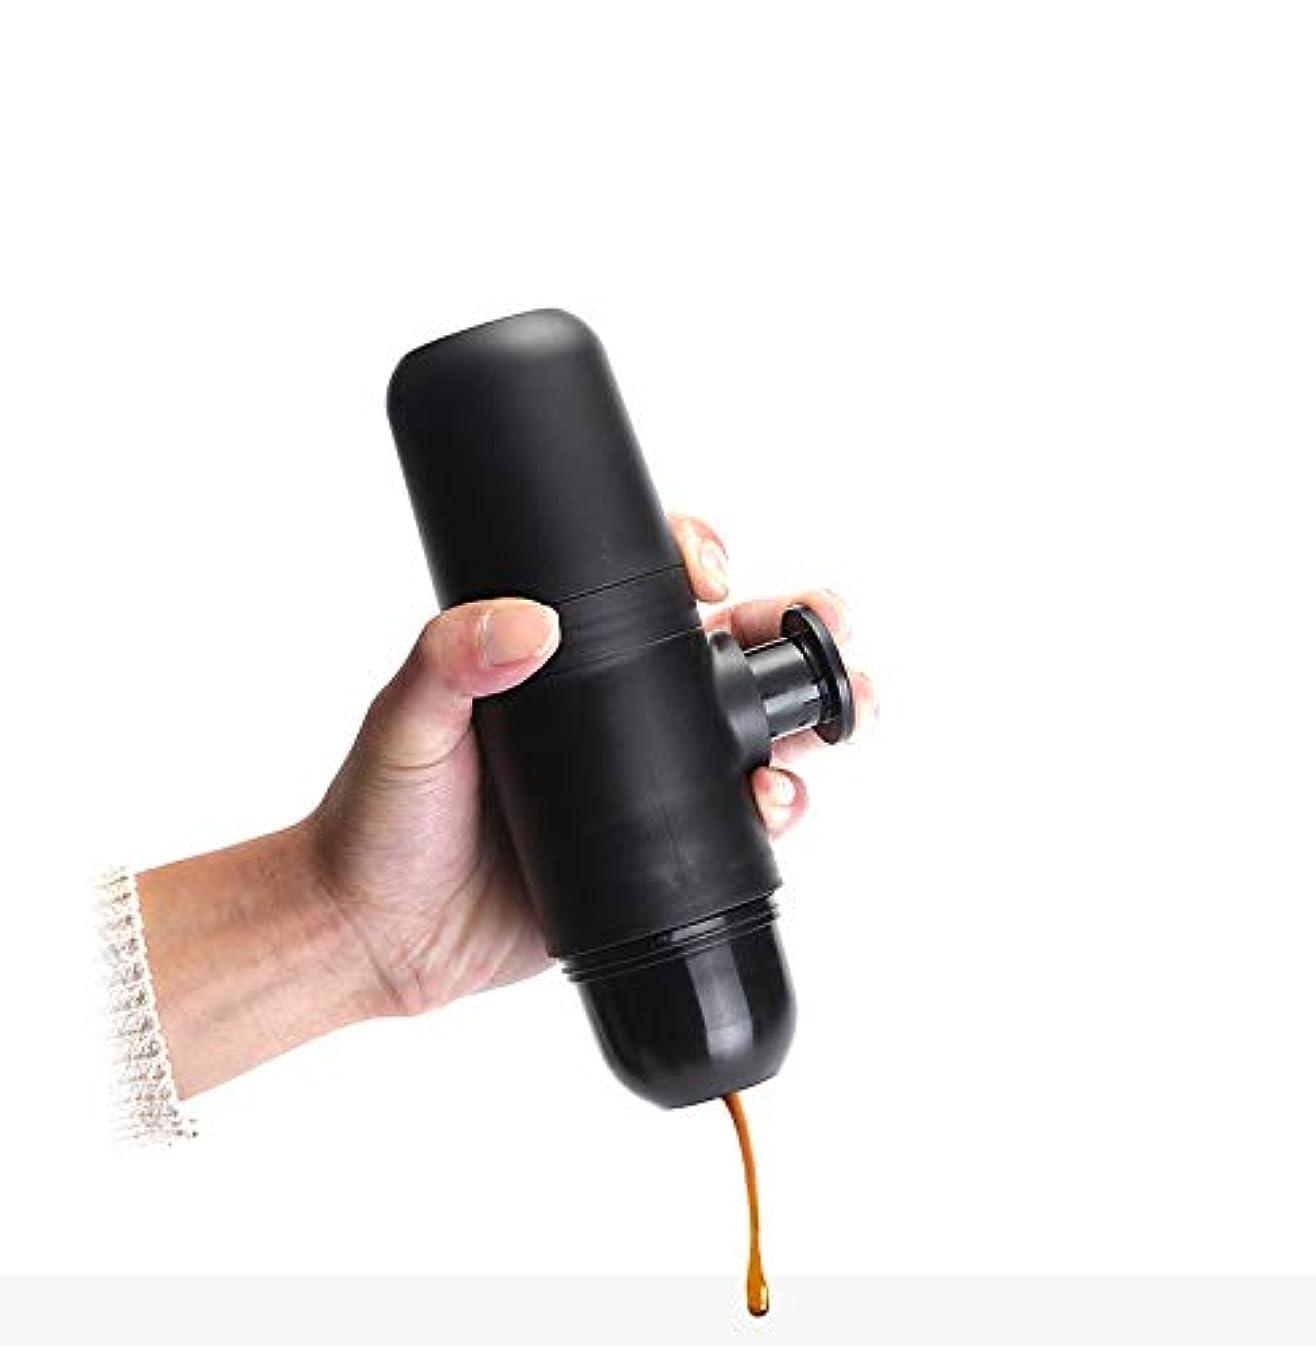 代理人アボートする必要があるLYS ポータブル コーヒー 機械 、 コーヒー ポット 、 アウトドア コーヒー カップ 、 ミニ コーヒー メーカ a